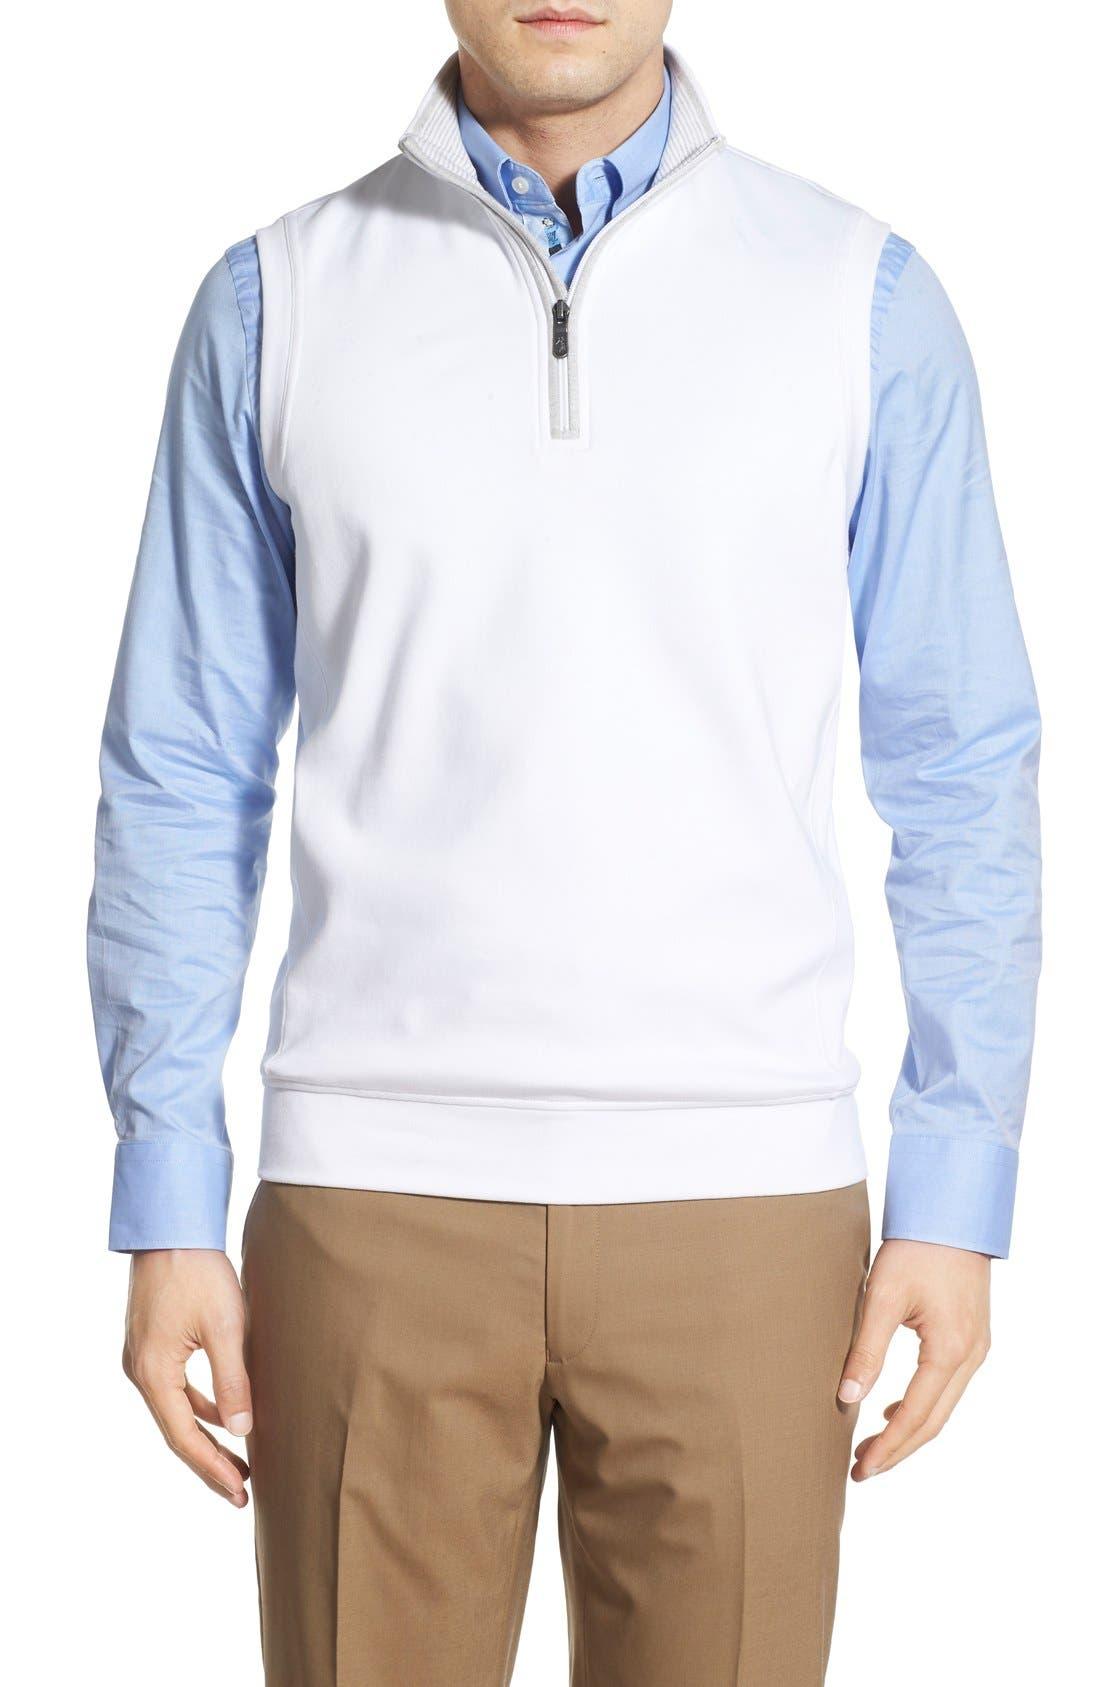 Leaderboard Quarter Zip Pima Cotton Vest,                             Main thumbnail 1, color,                             White